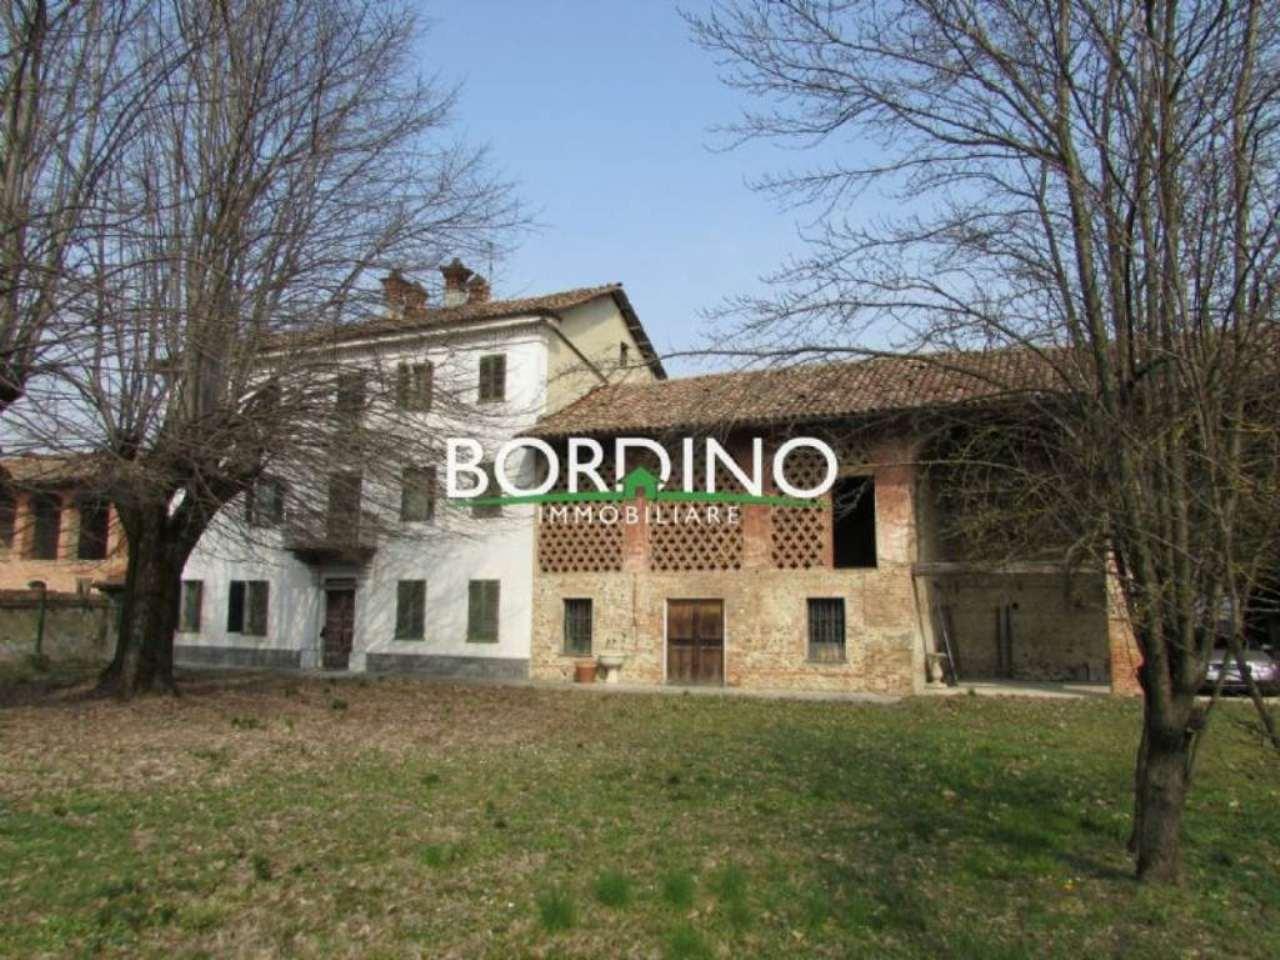 Palazzo / Stabile in vendita a Govone, 10 locali, prezzo € 195.000 | CambioCasa.it